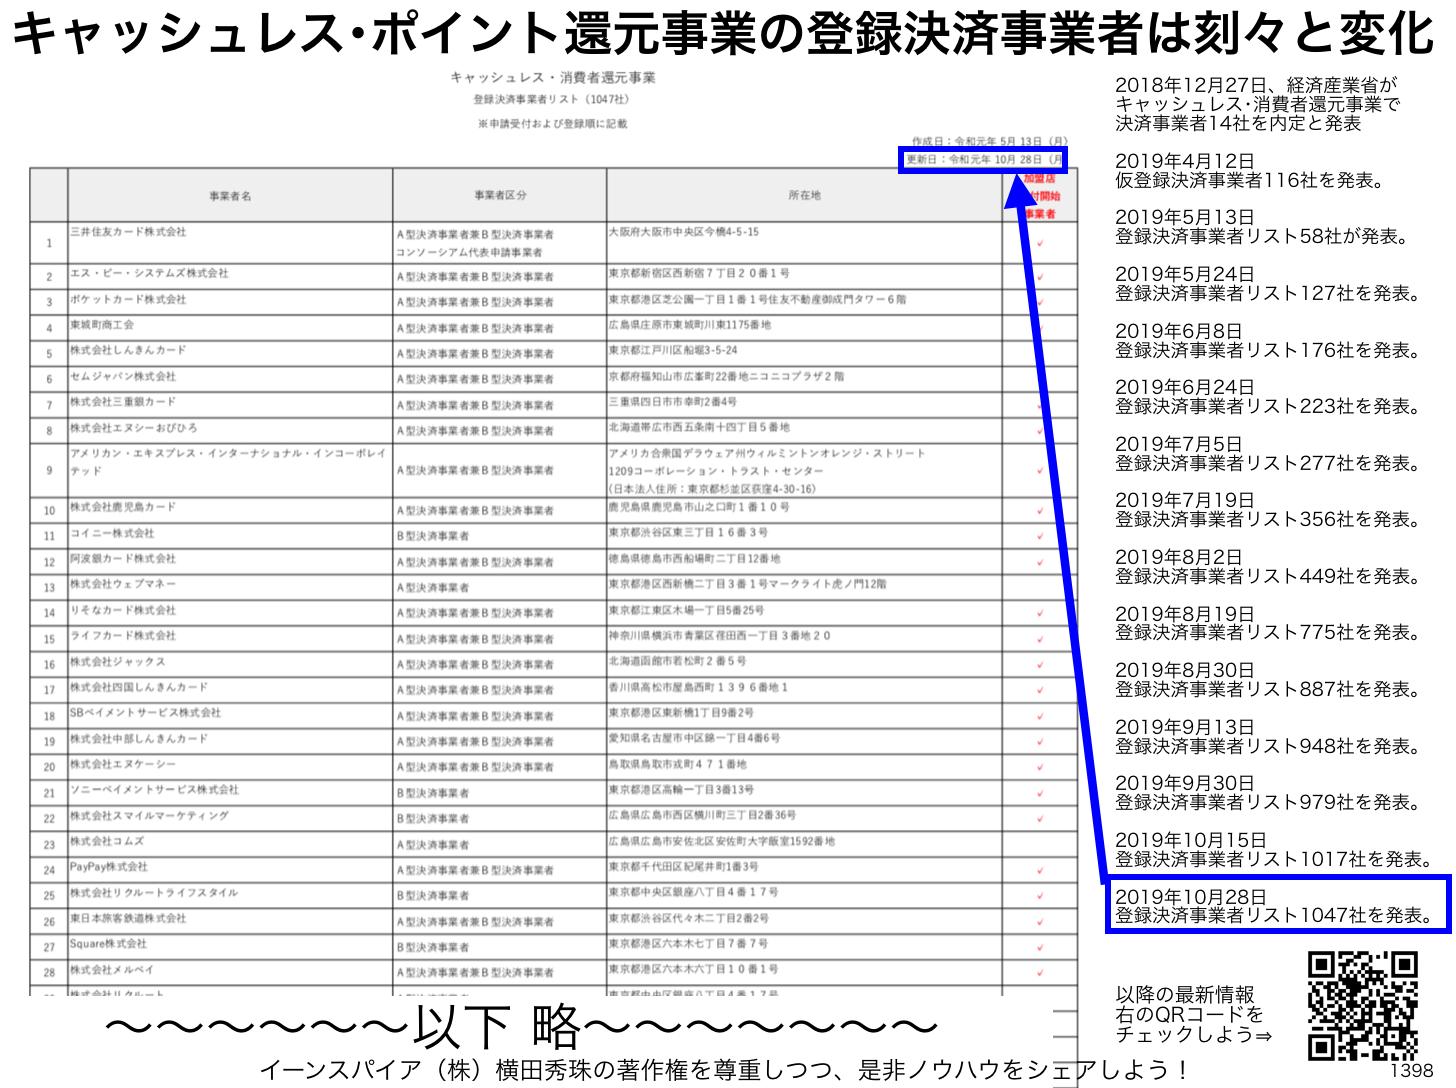 キャッシュレス・消費者還元事業 登録決済事業者リスト1017社